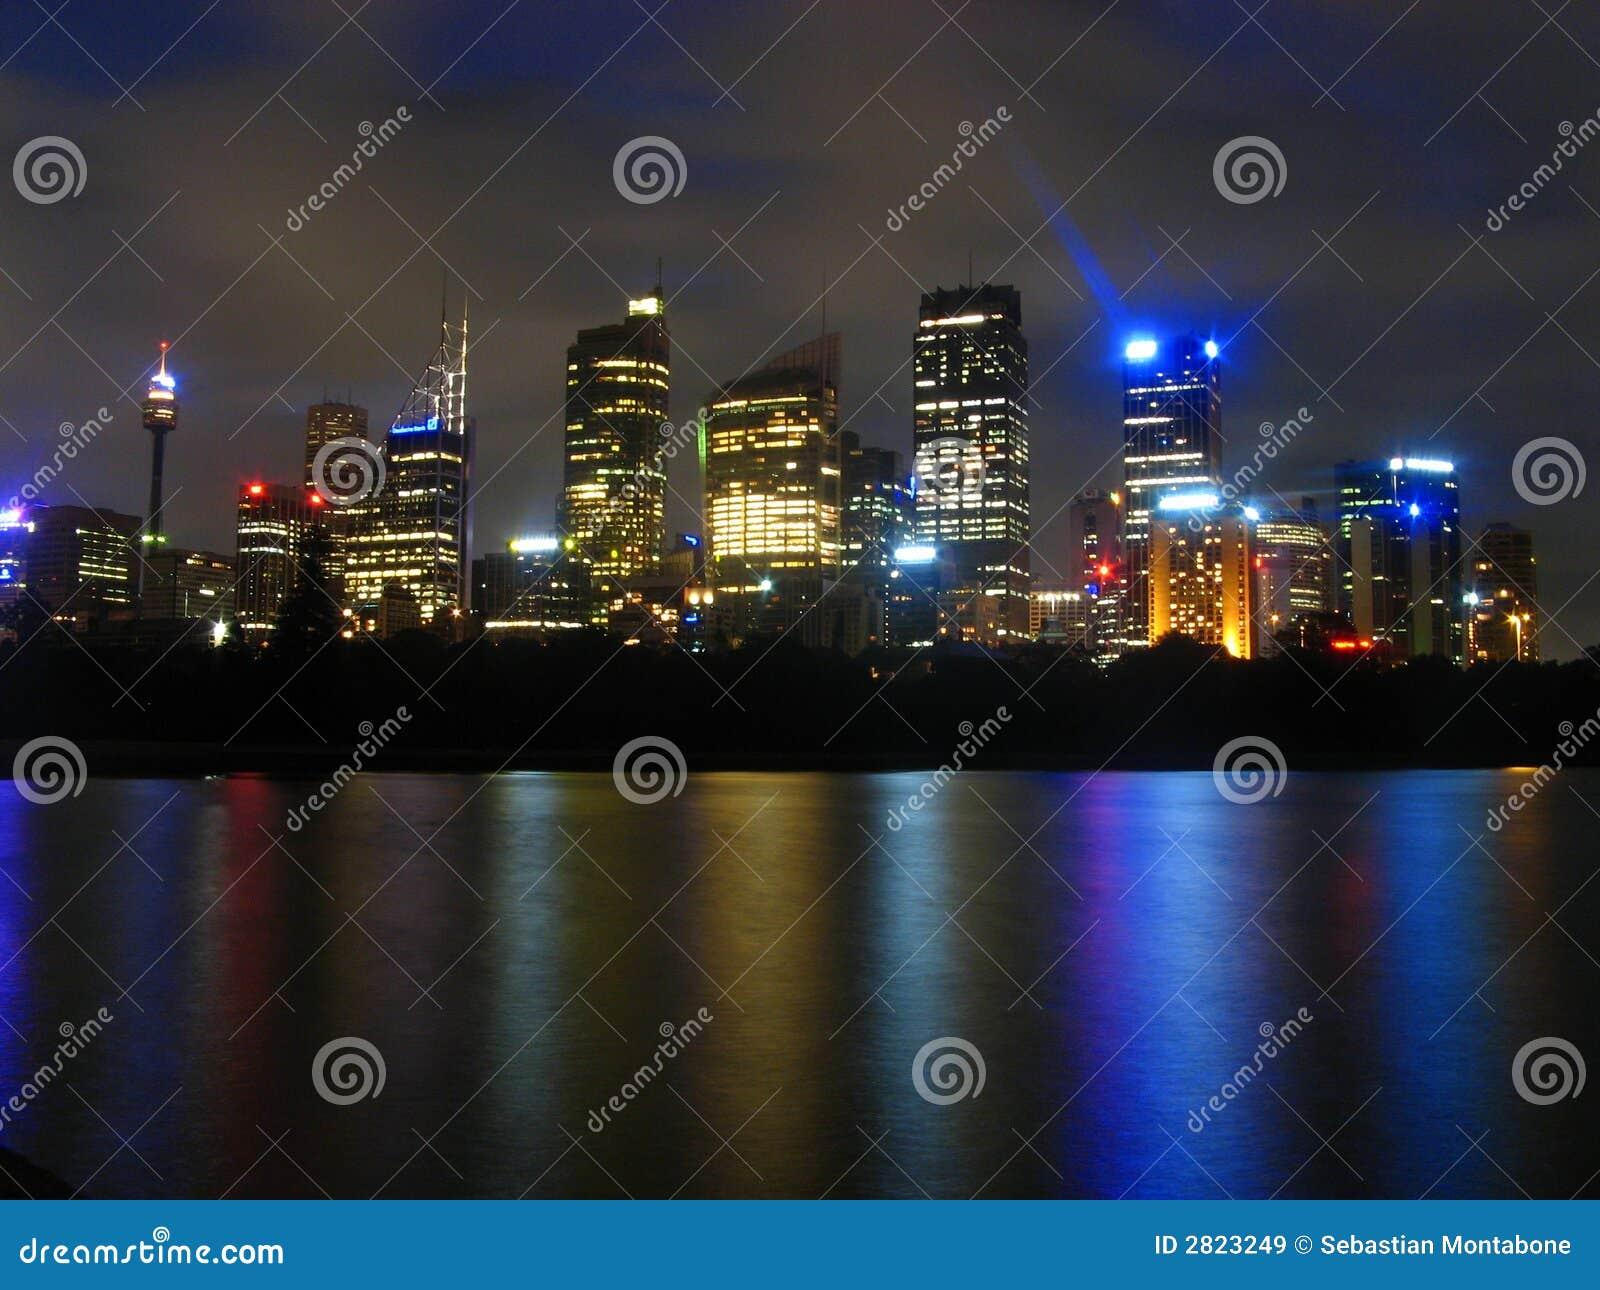 Date night online movie in Sydney